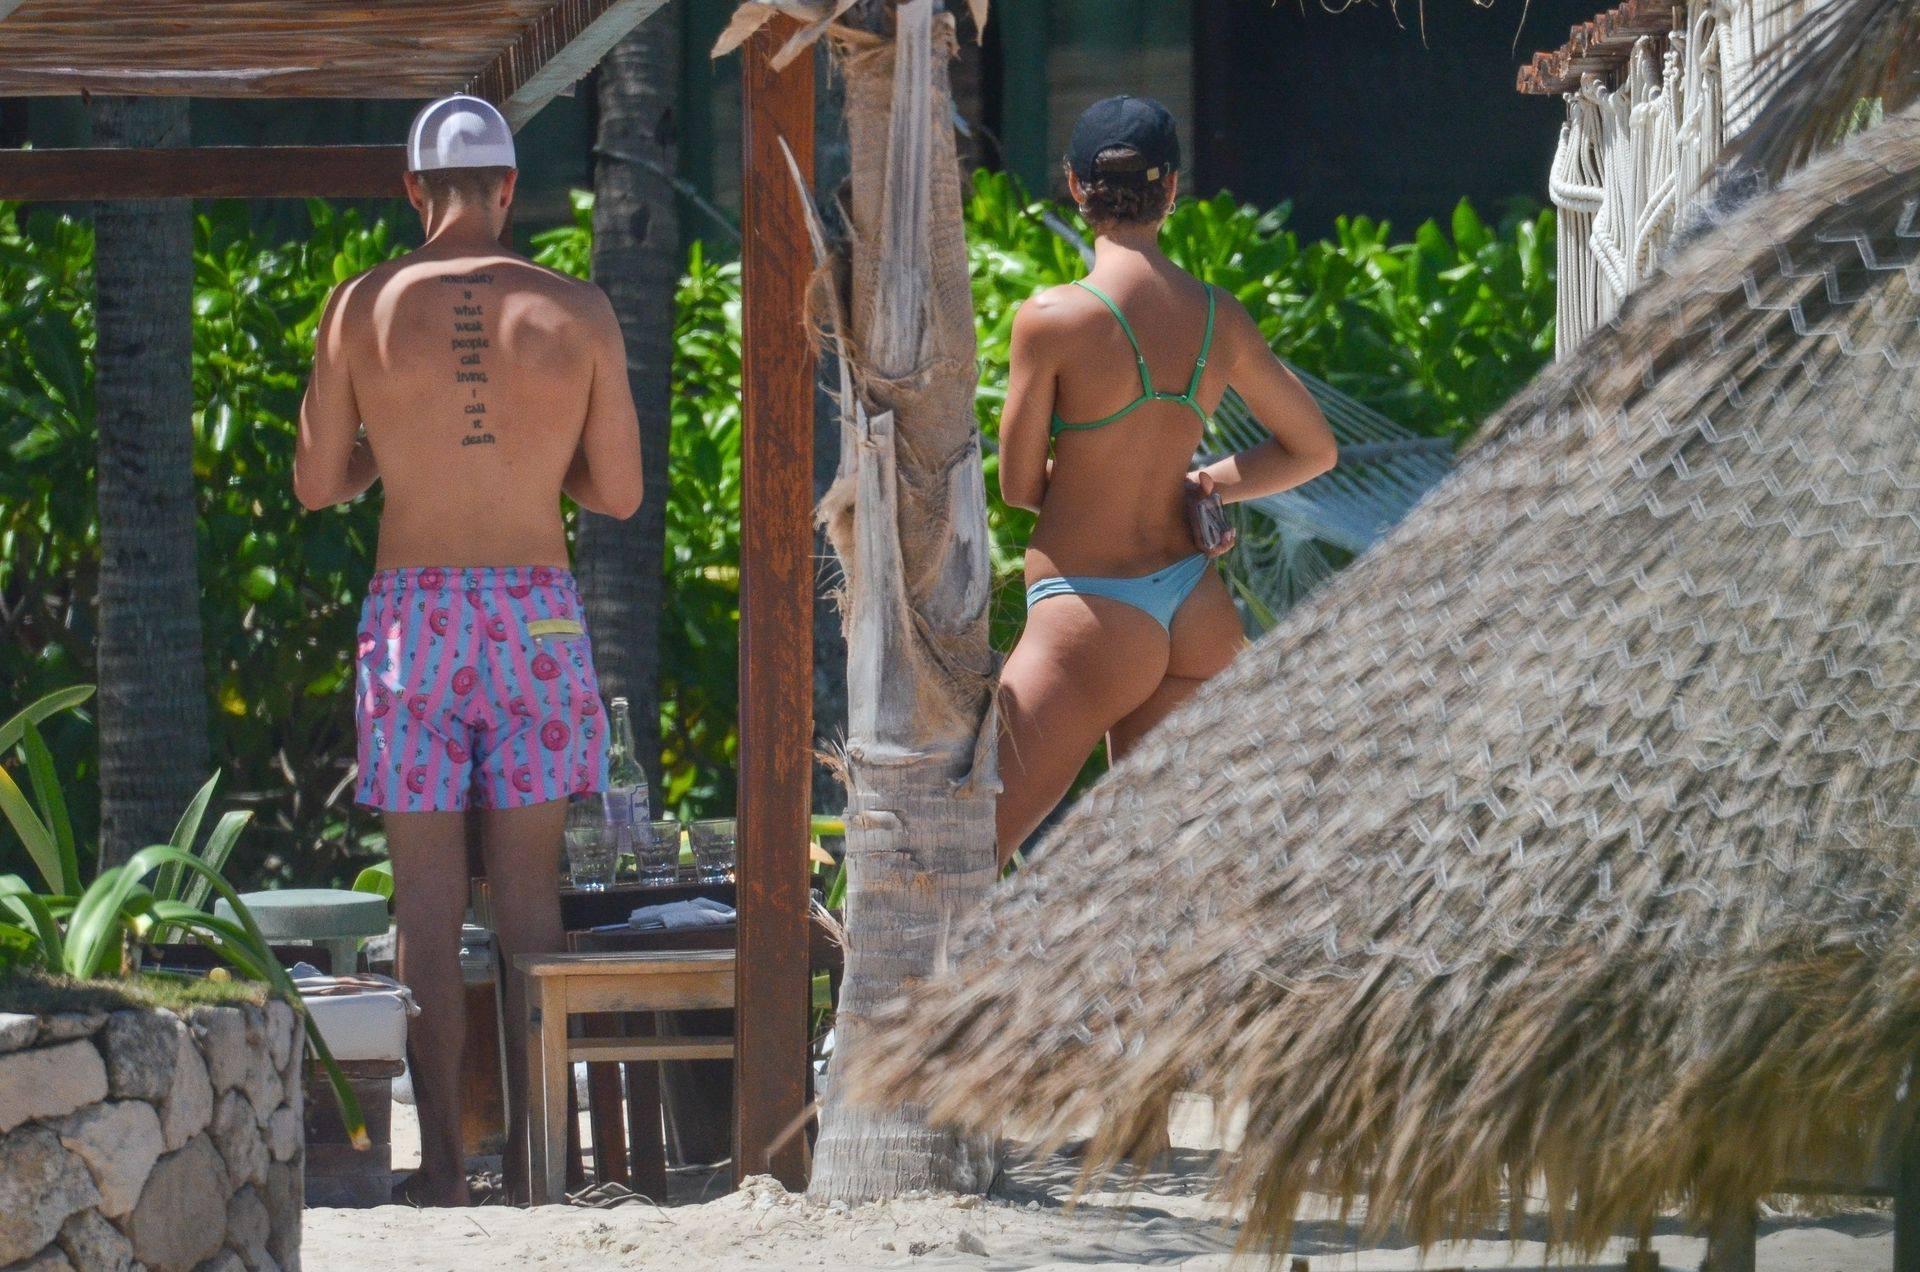 Rachel Cook – Beautiful Ass In Thong Bikini In Mexico 0025